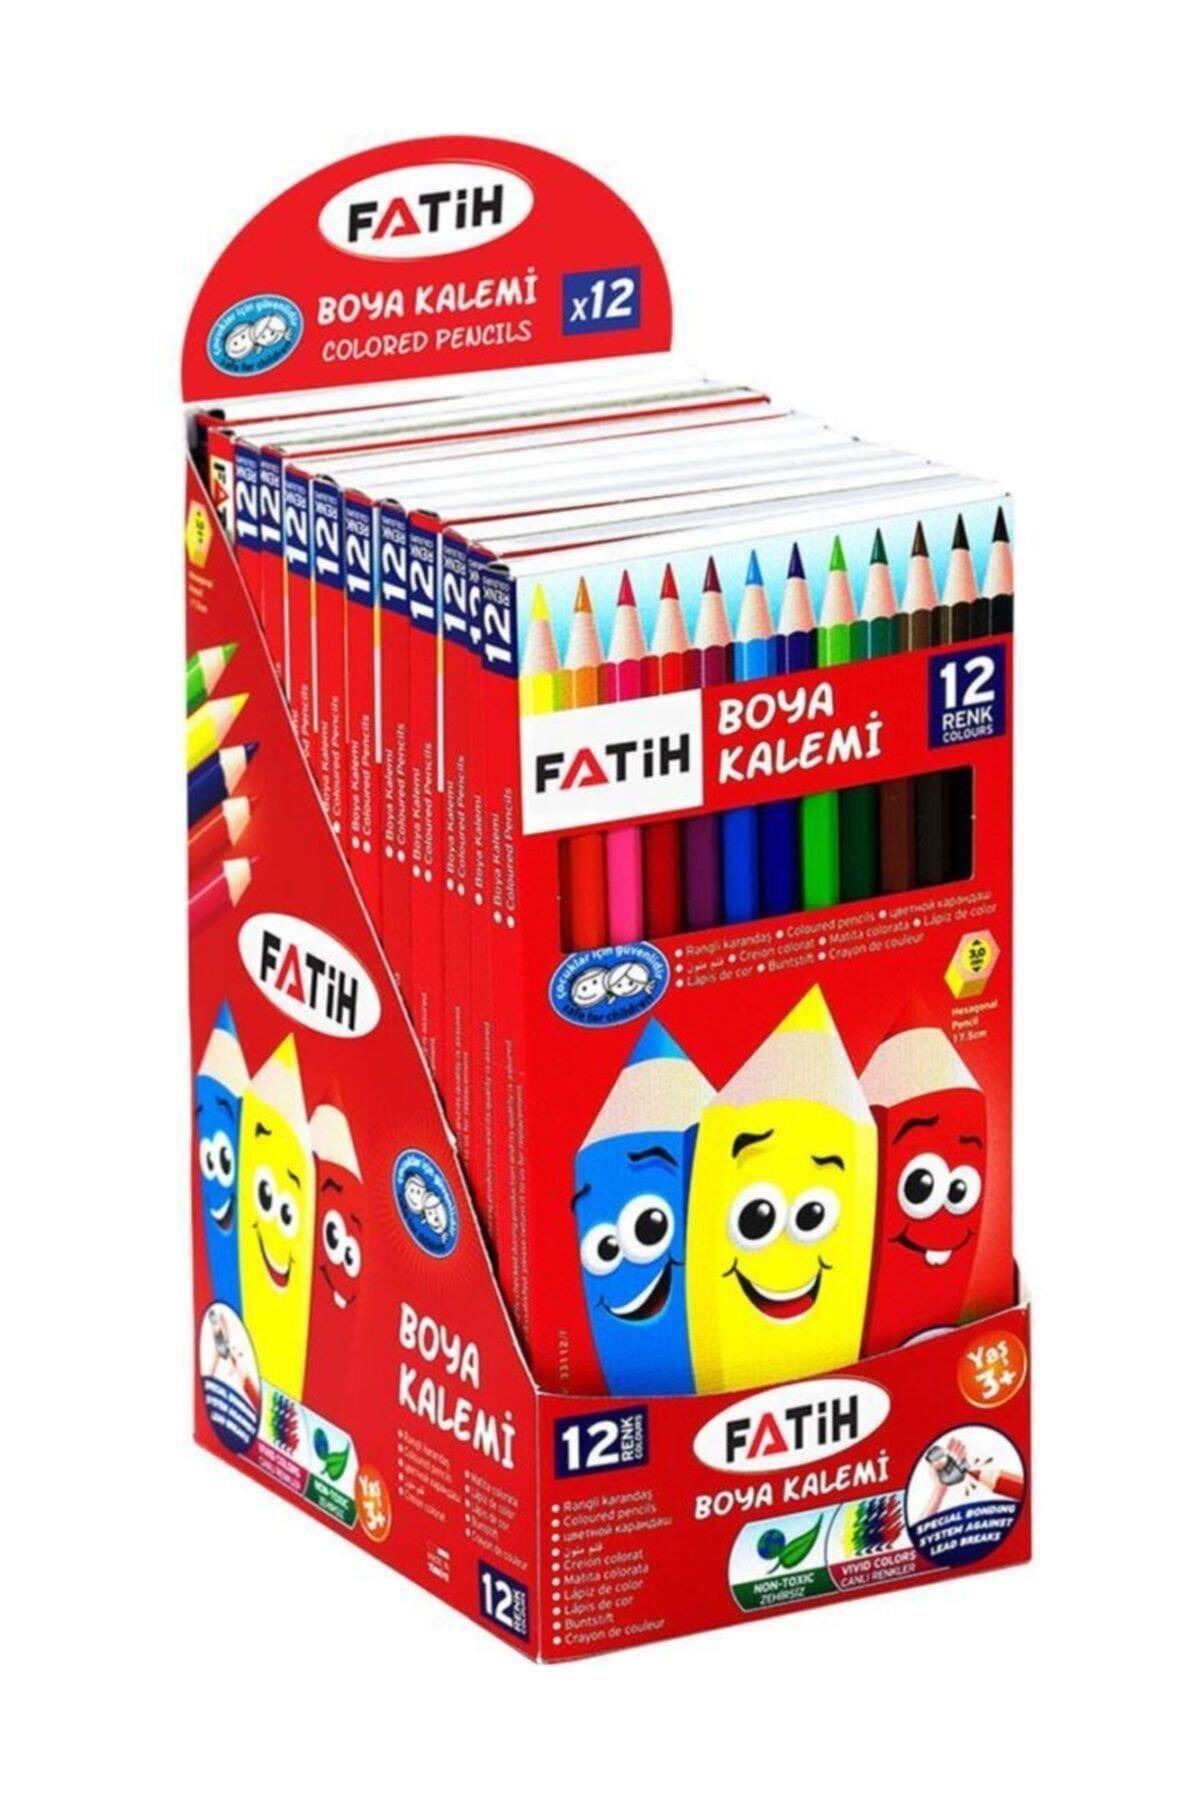 Fatih Kuru Boya 12 Renk Tam Boy Karton Kutu 1